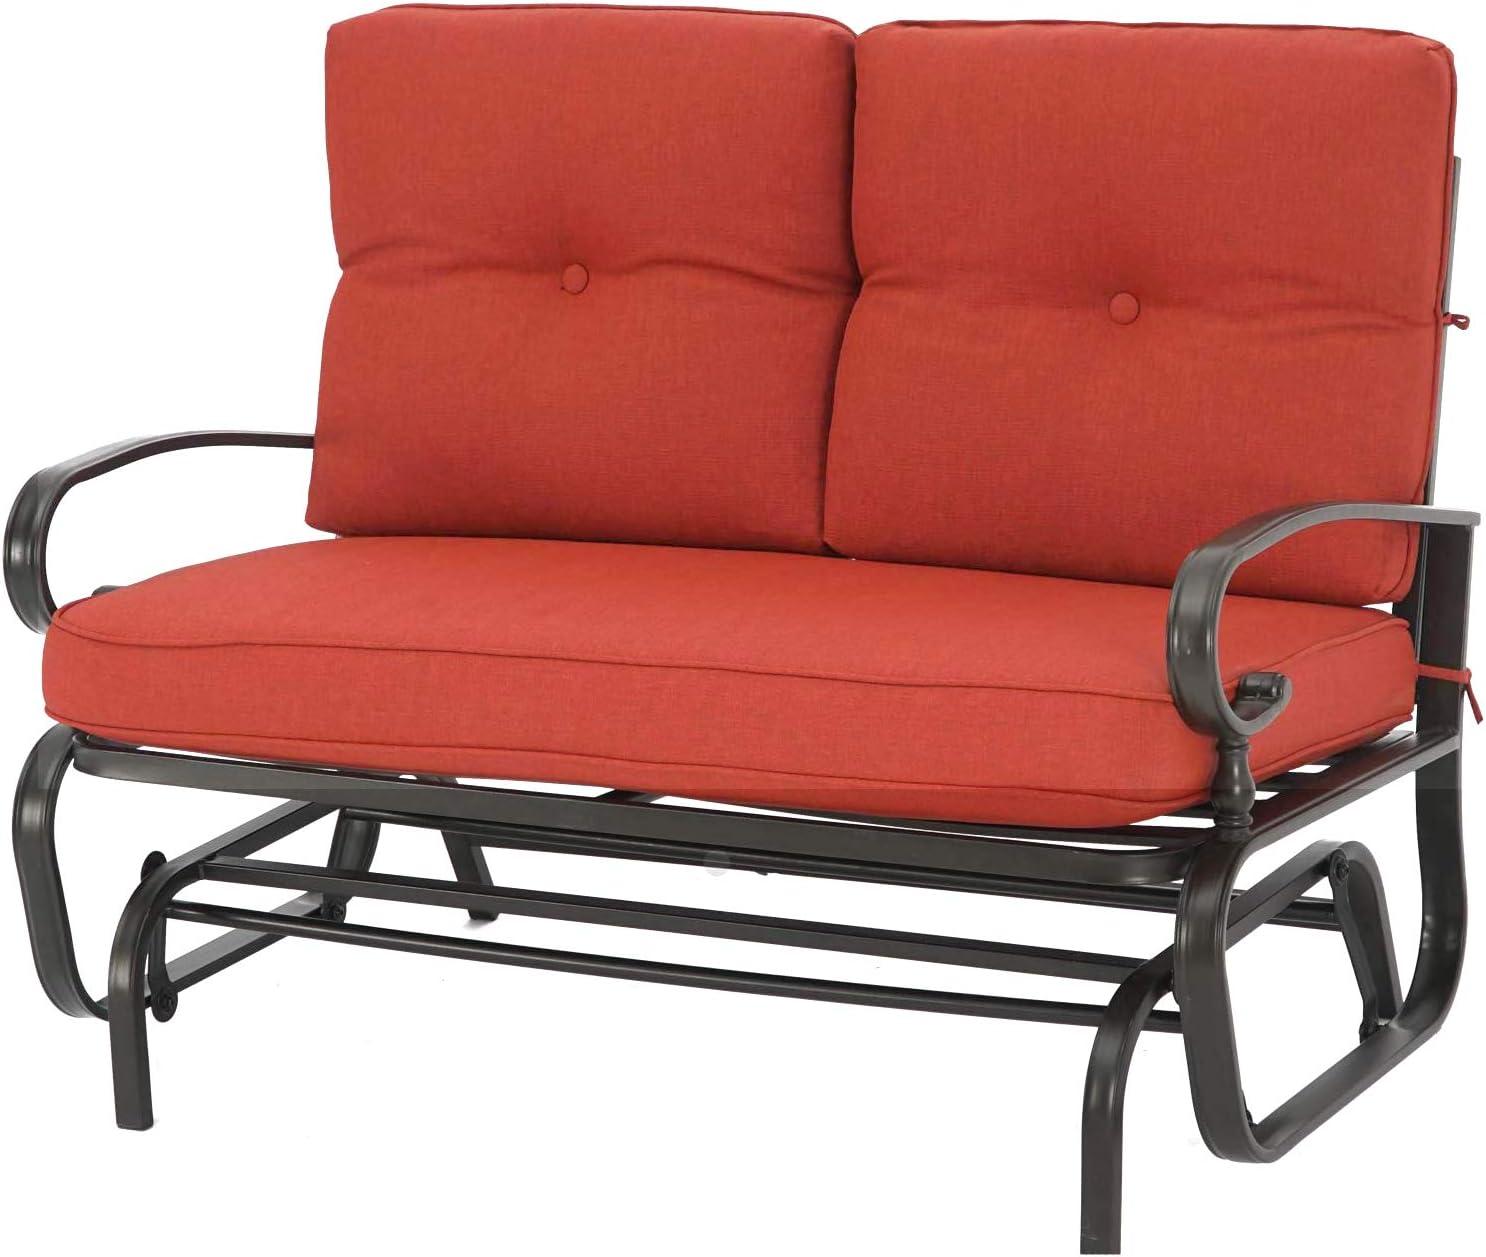 Oakmont Outdoor Loveseat Patio Swing Rocking Glider 2 Seats Metal Furniture Set (Red)